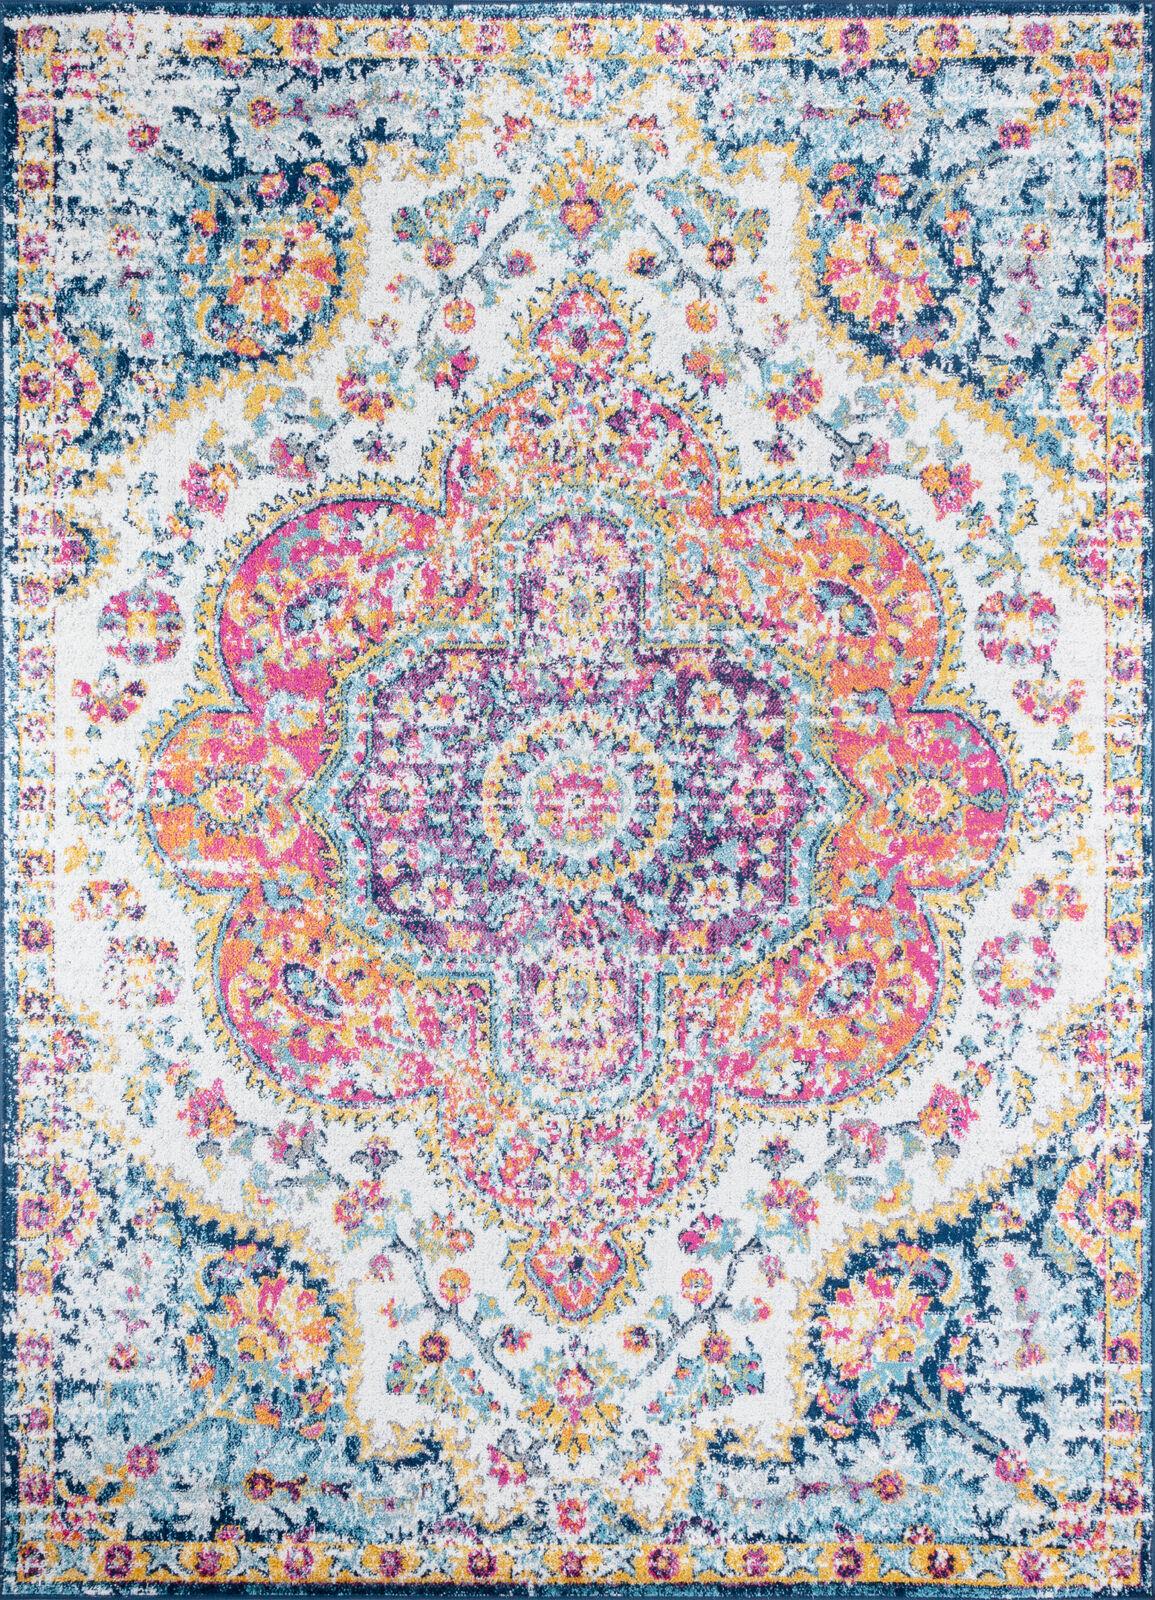 Surya Tapis de salon classique multicolore rose, safran et bleu 200x274